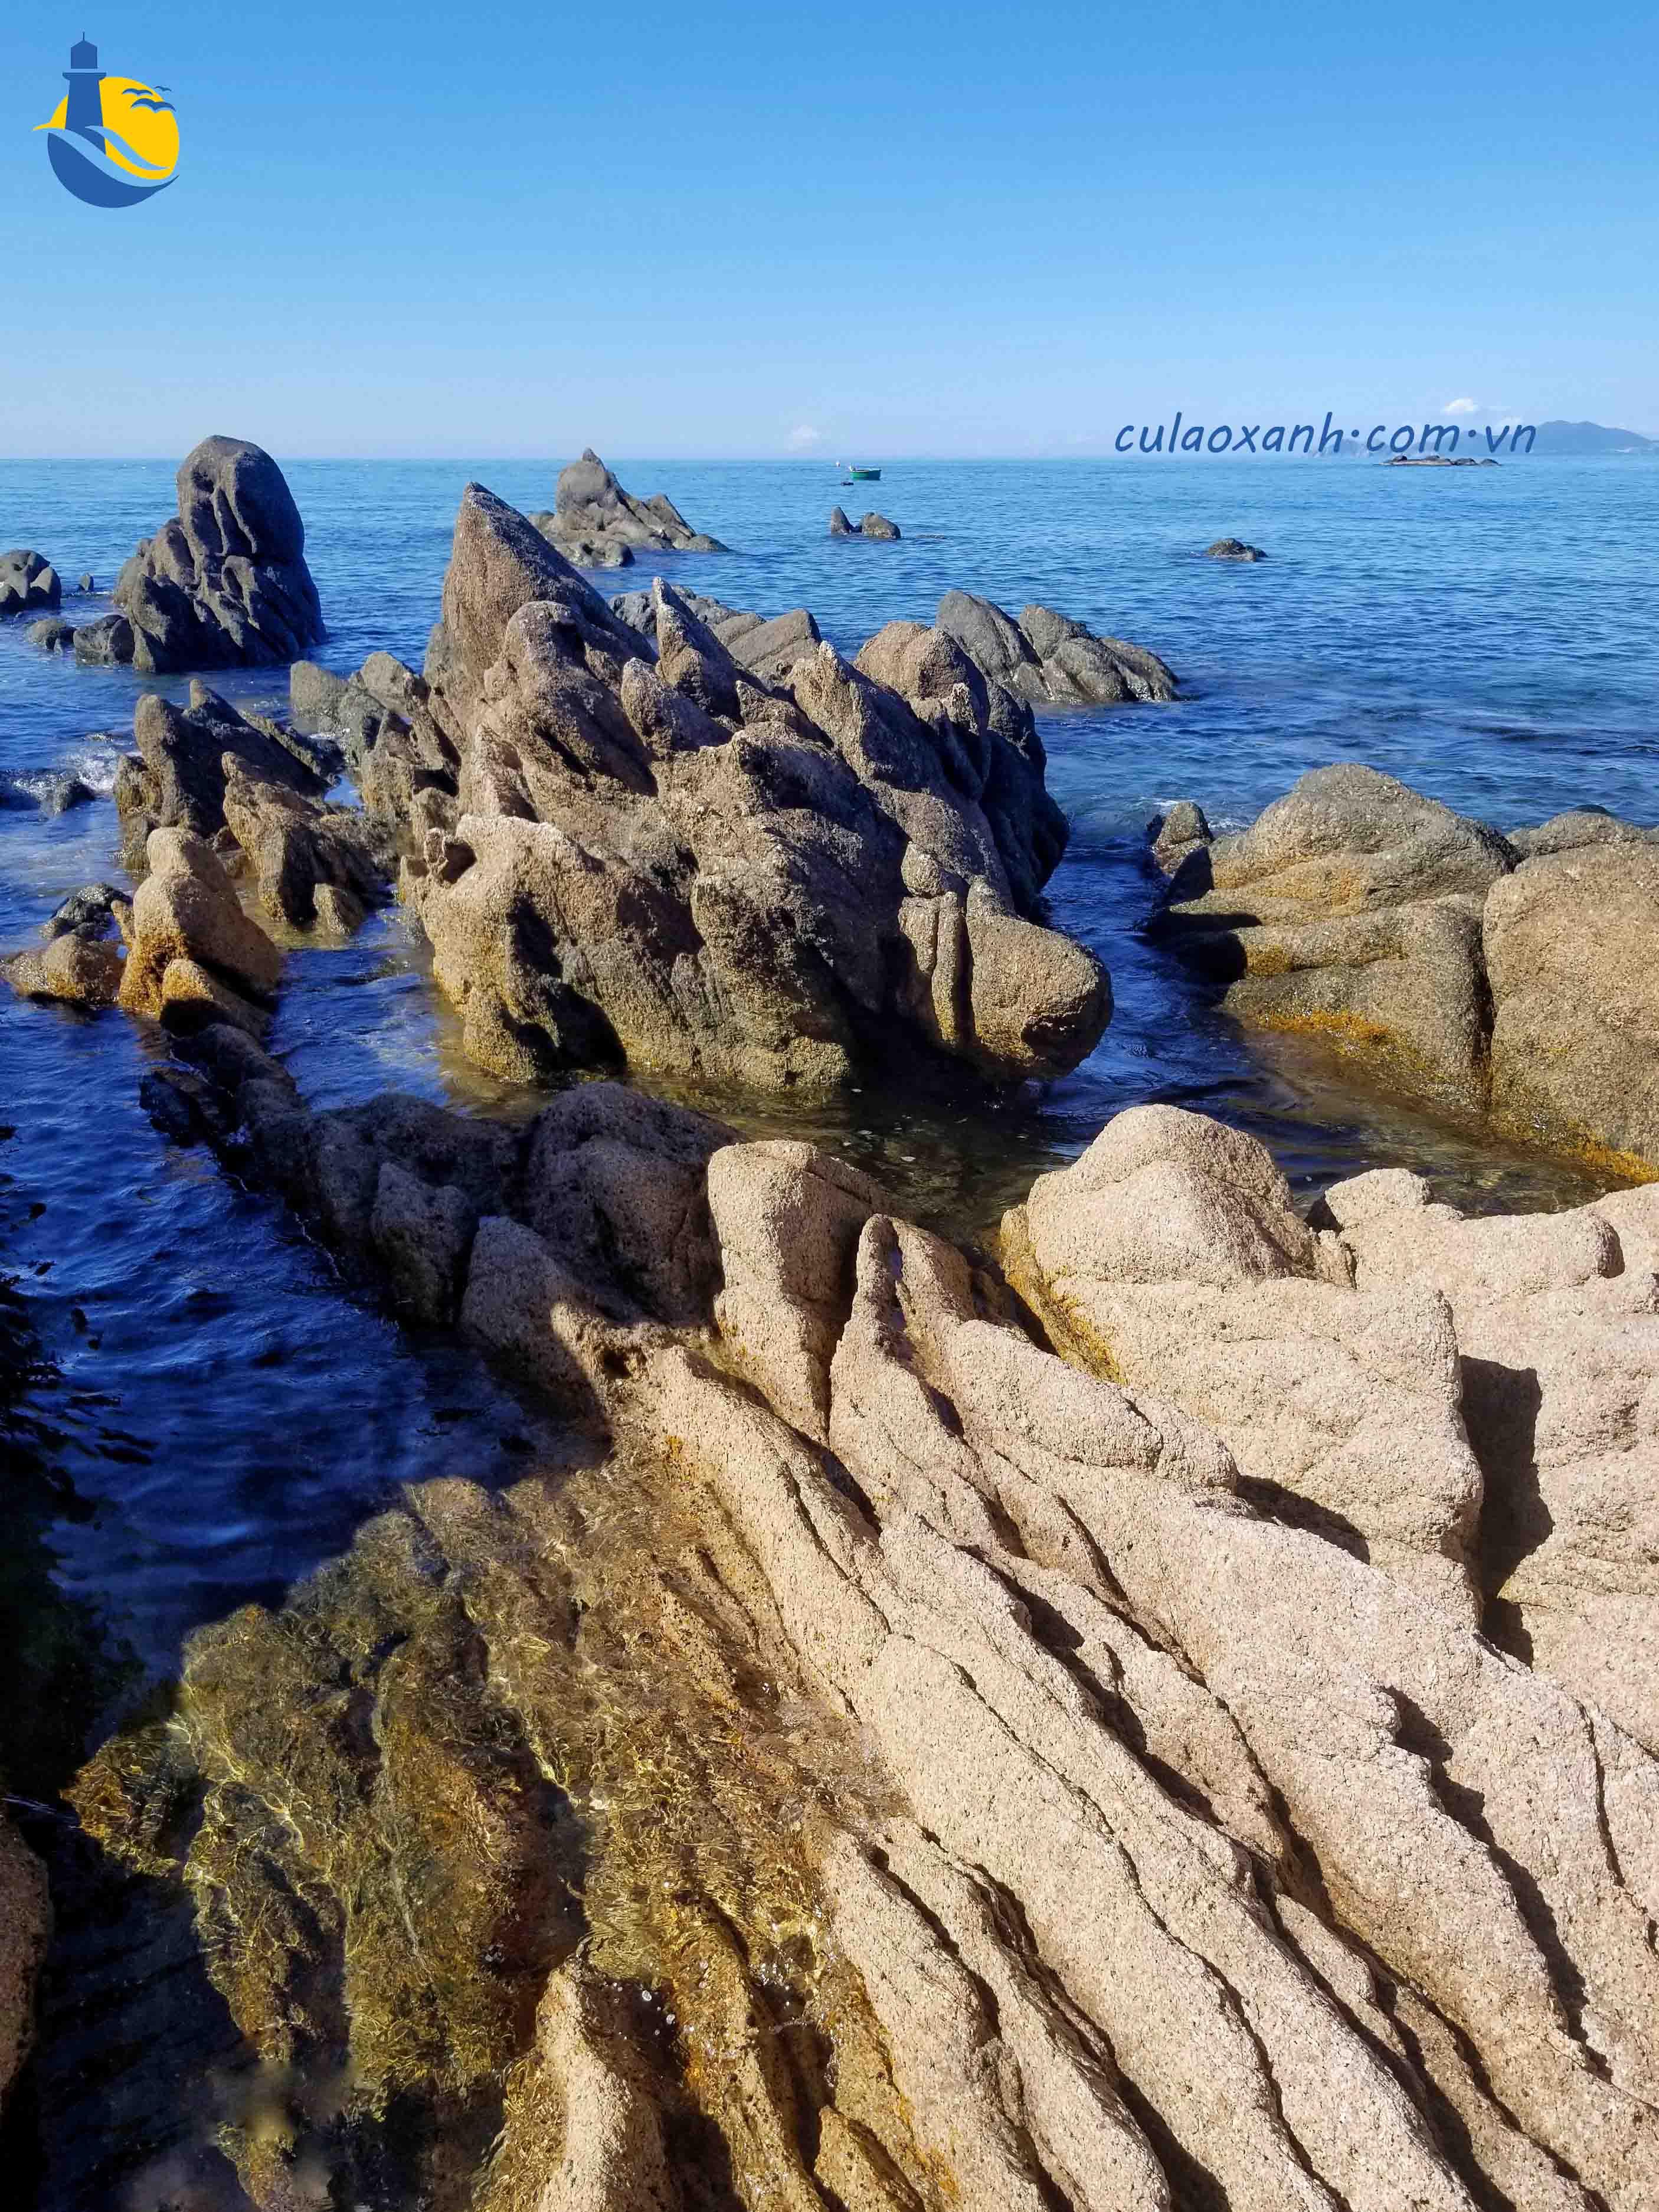 Khám phá vẻ đẹp của đá trên đảo Cù Lao Xanh